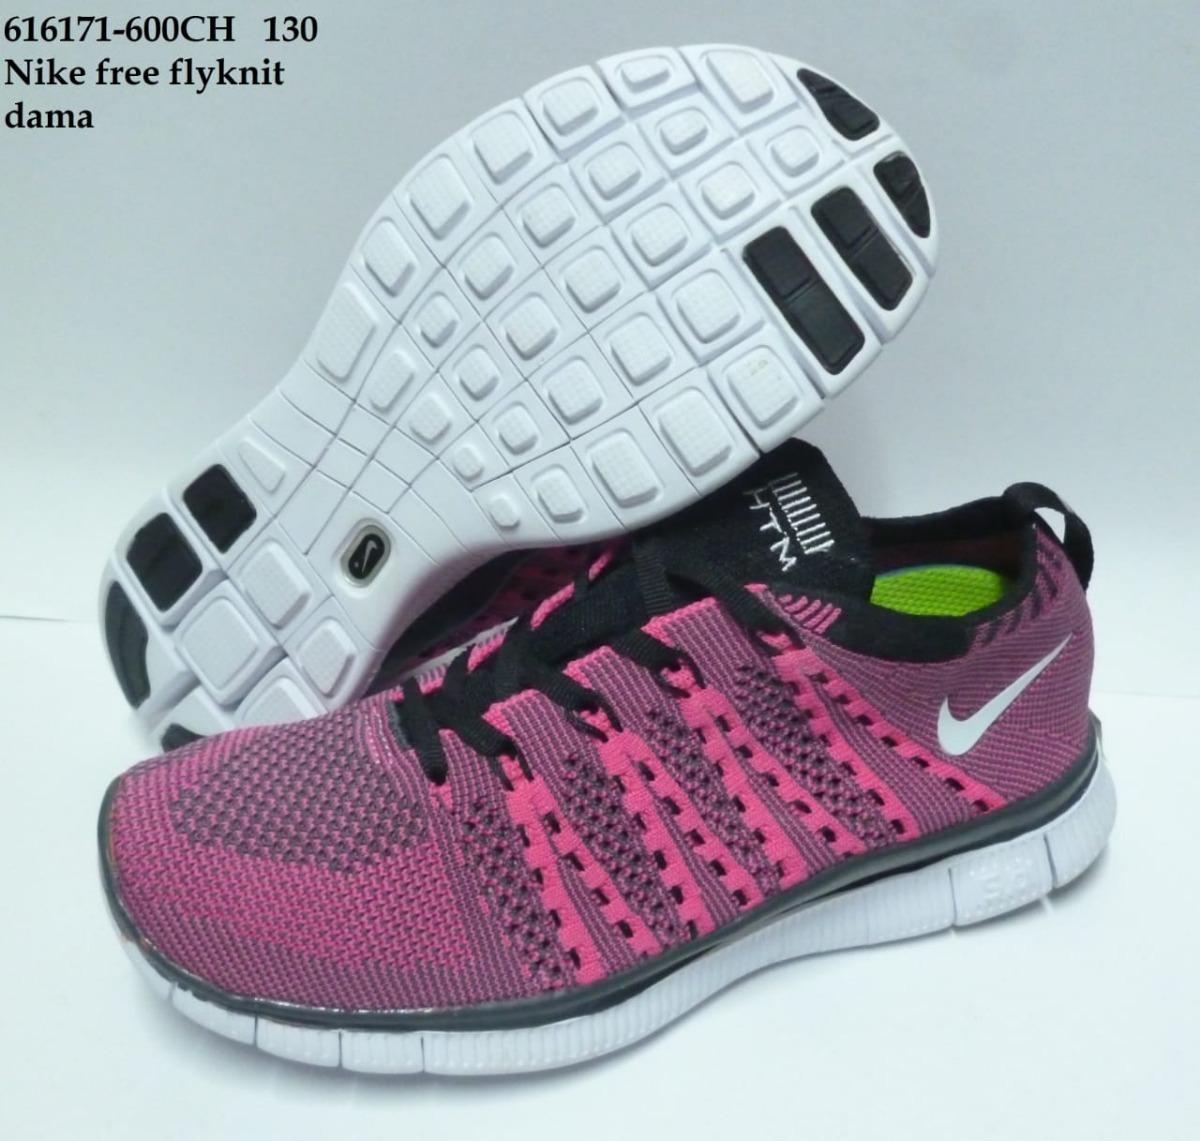 09ea6488862 tenis zapatillas nike free flyknit para dama. envio gratis. Cargando zoom.